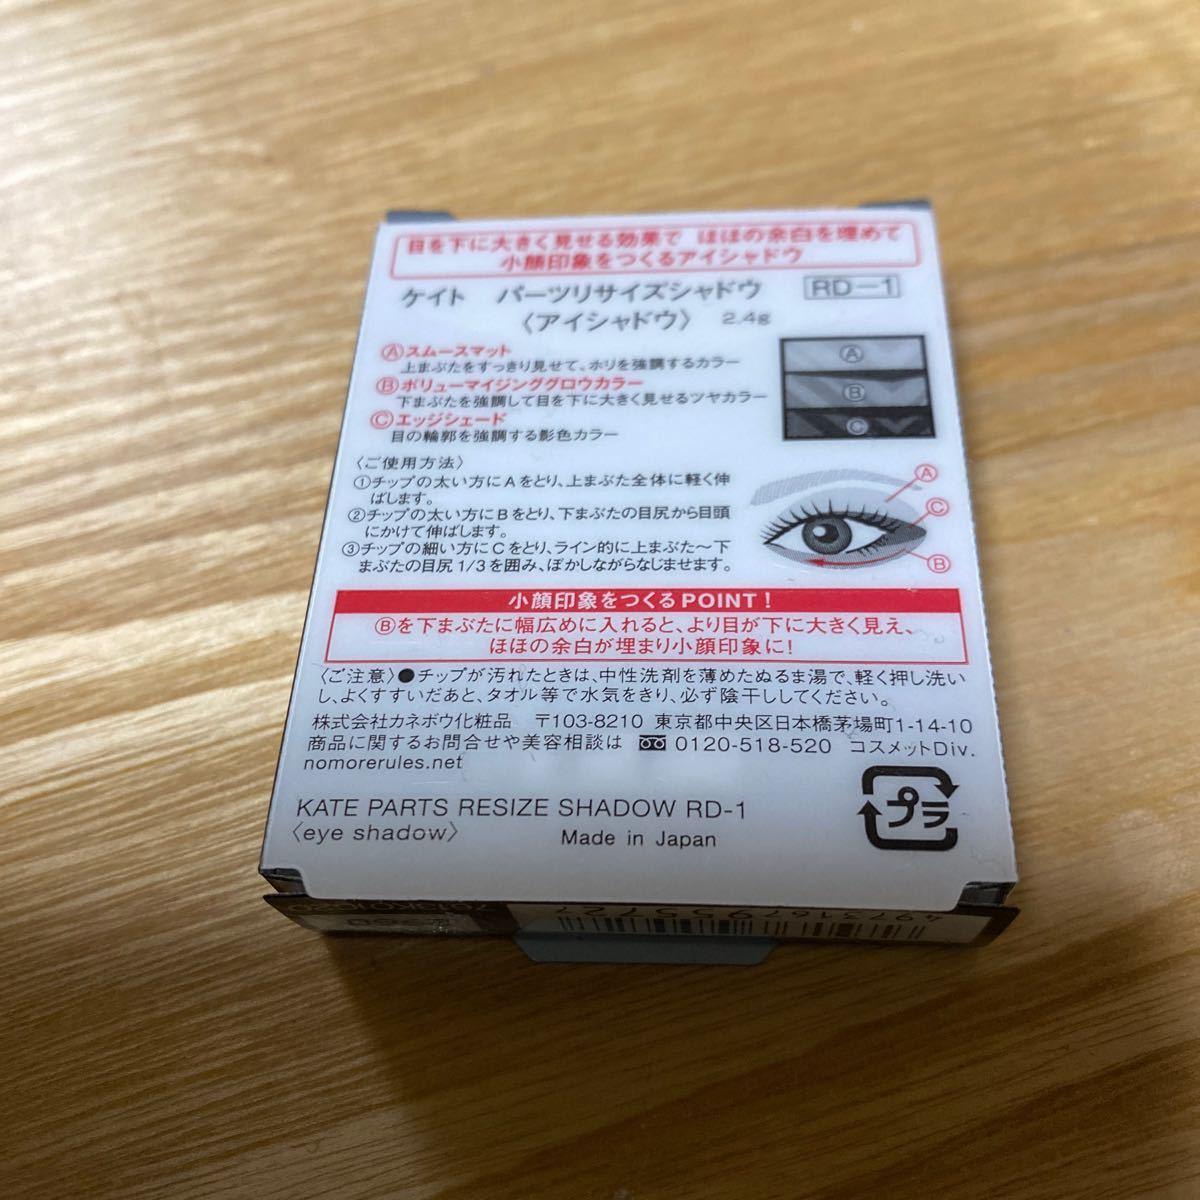 ★カネボウ ケイト パーツリサイズシャドウ RD-1 (2.4g)